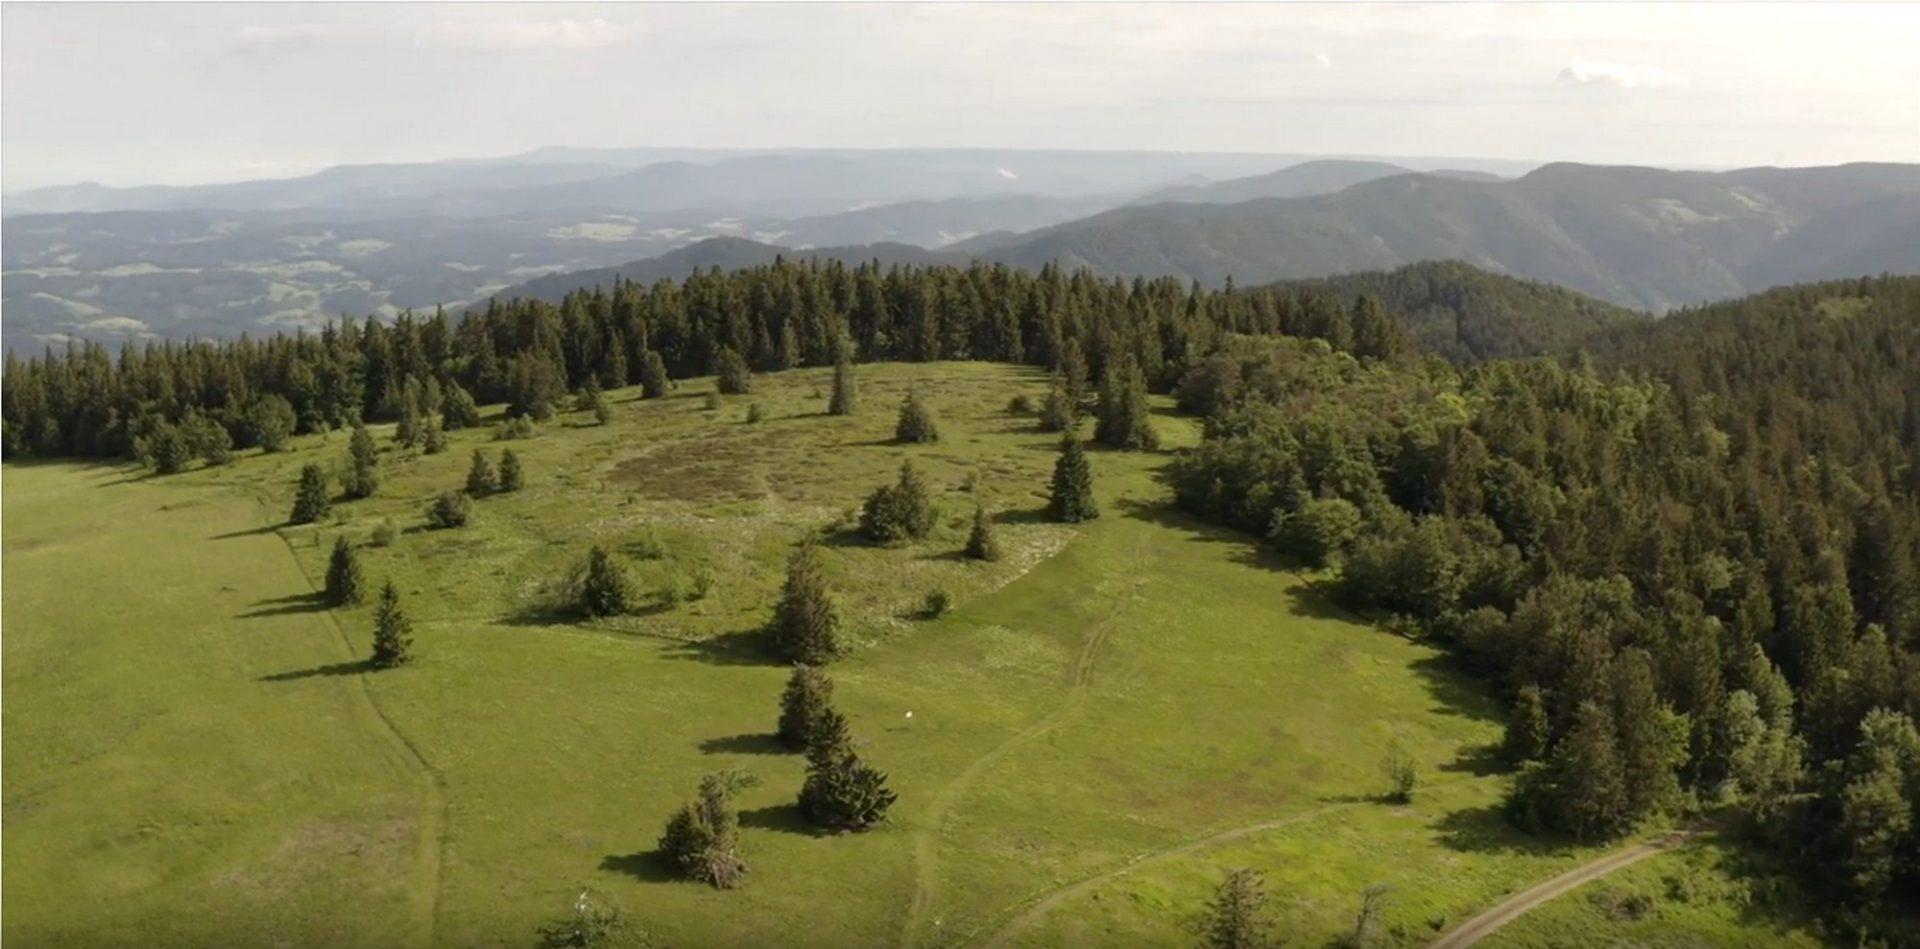 FFH-Gebiet Kandelwald, Roßkopf, Zartener Becken